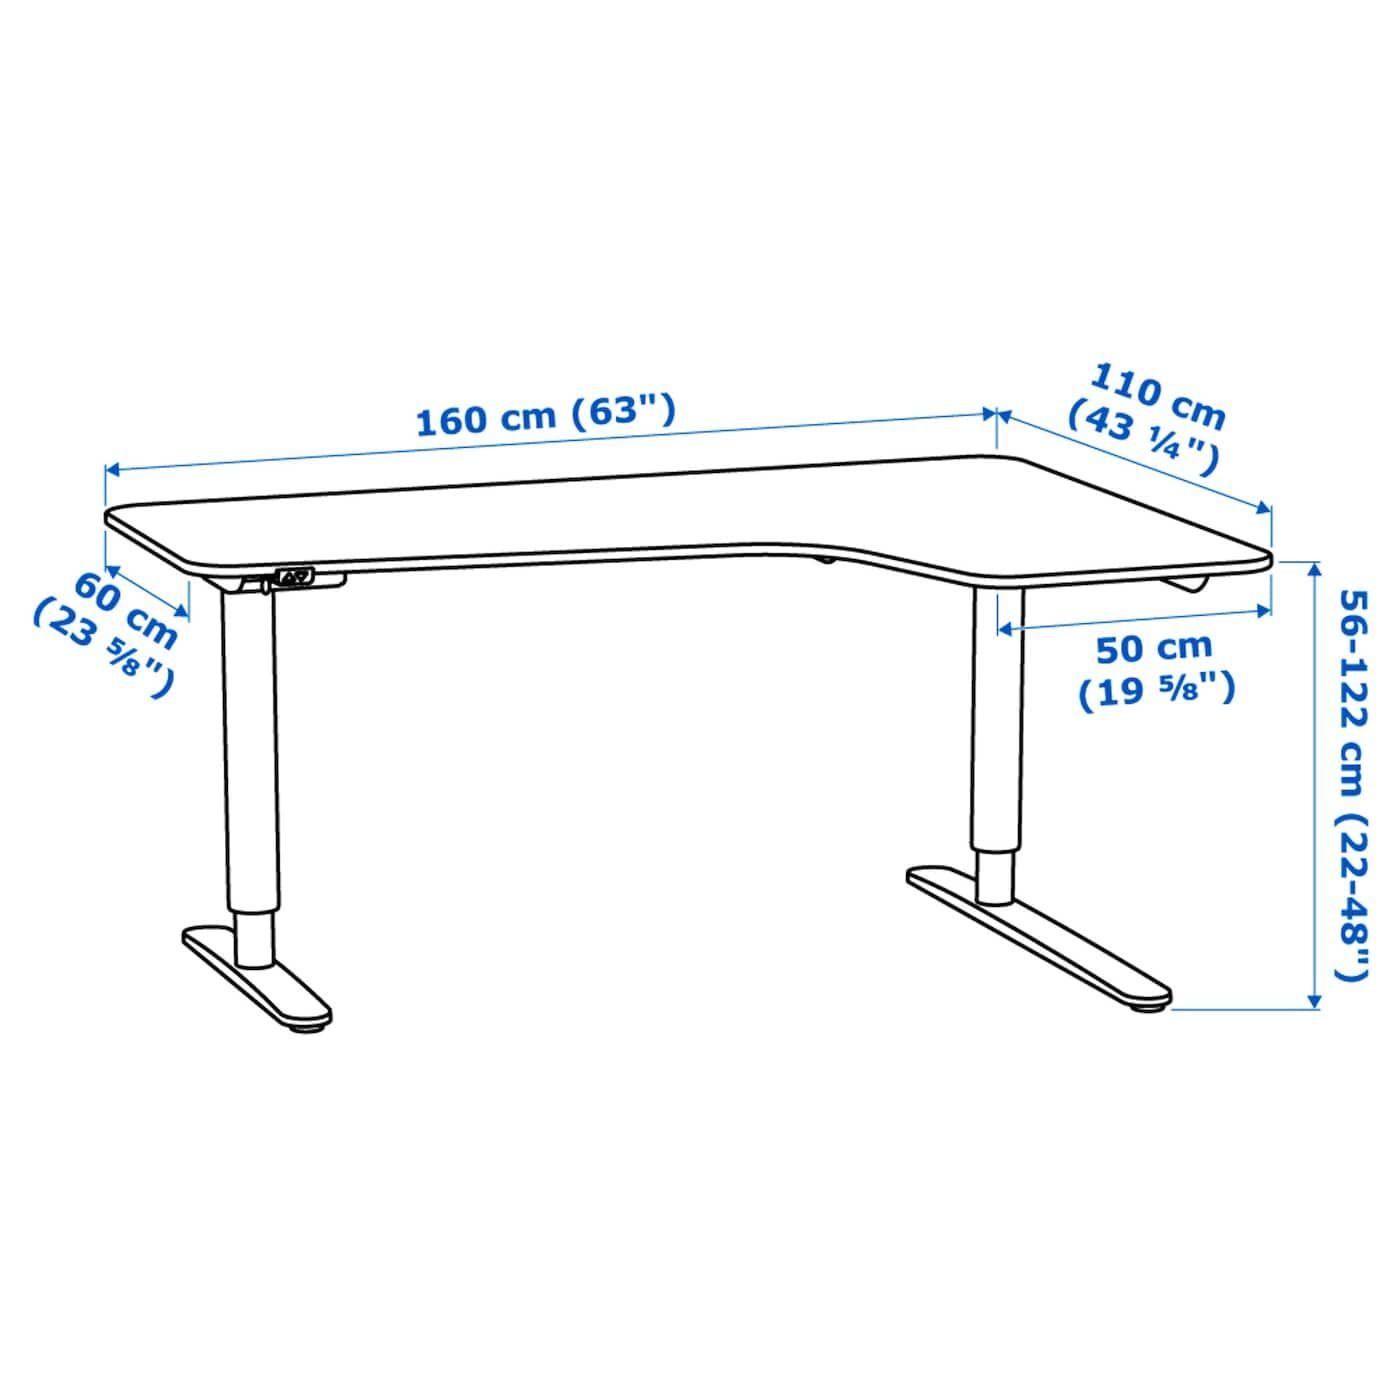 Bekant Bureau D Angle Dr Assis Debout Blanc 160x110cm Magasinez Sur Fr Ikea Ca Ikea Ikea Bekant Ikea Galant Desk Desk Dimensions